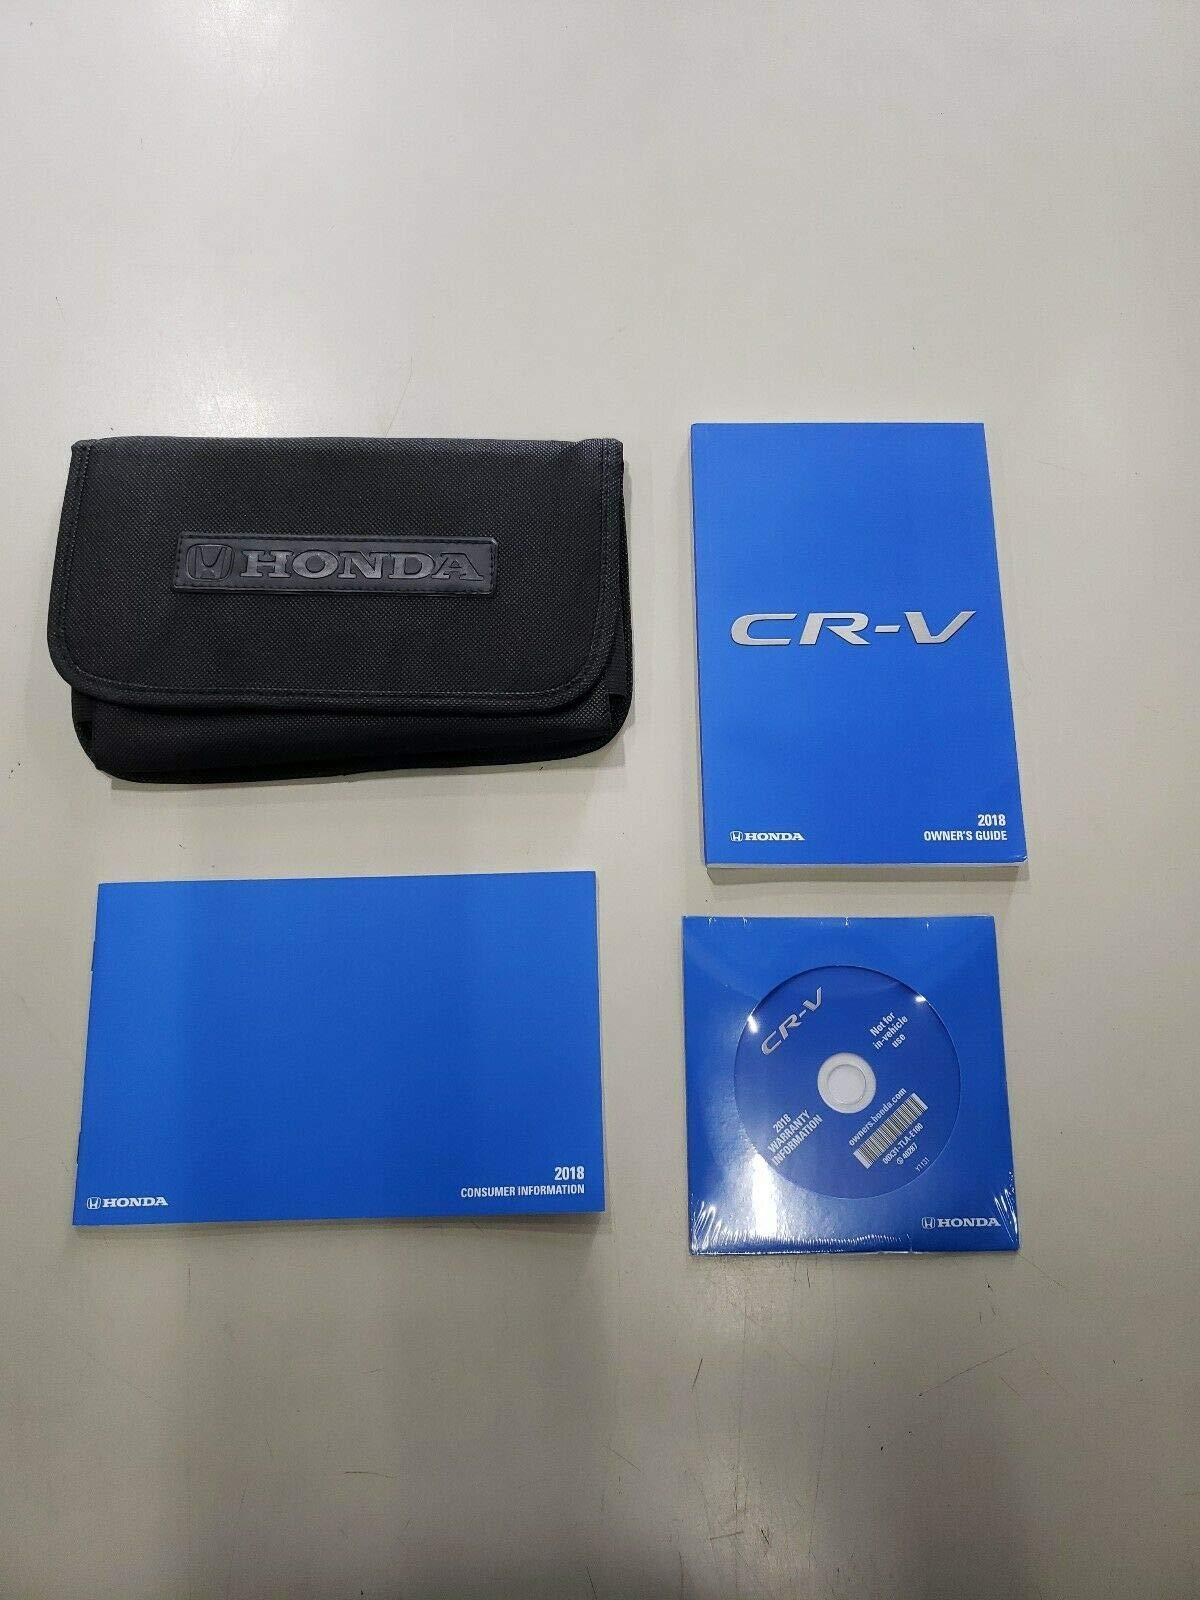 Owners Honda Com >> 2018 Honda Cr V Crv Owners Manual 18 Honda 9782990498425